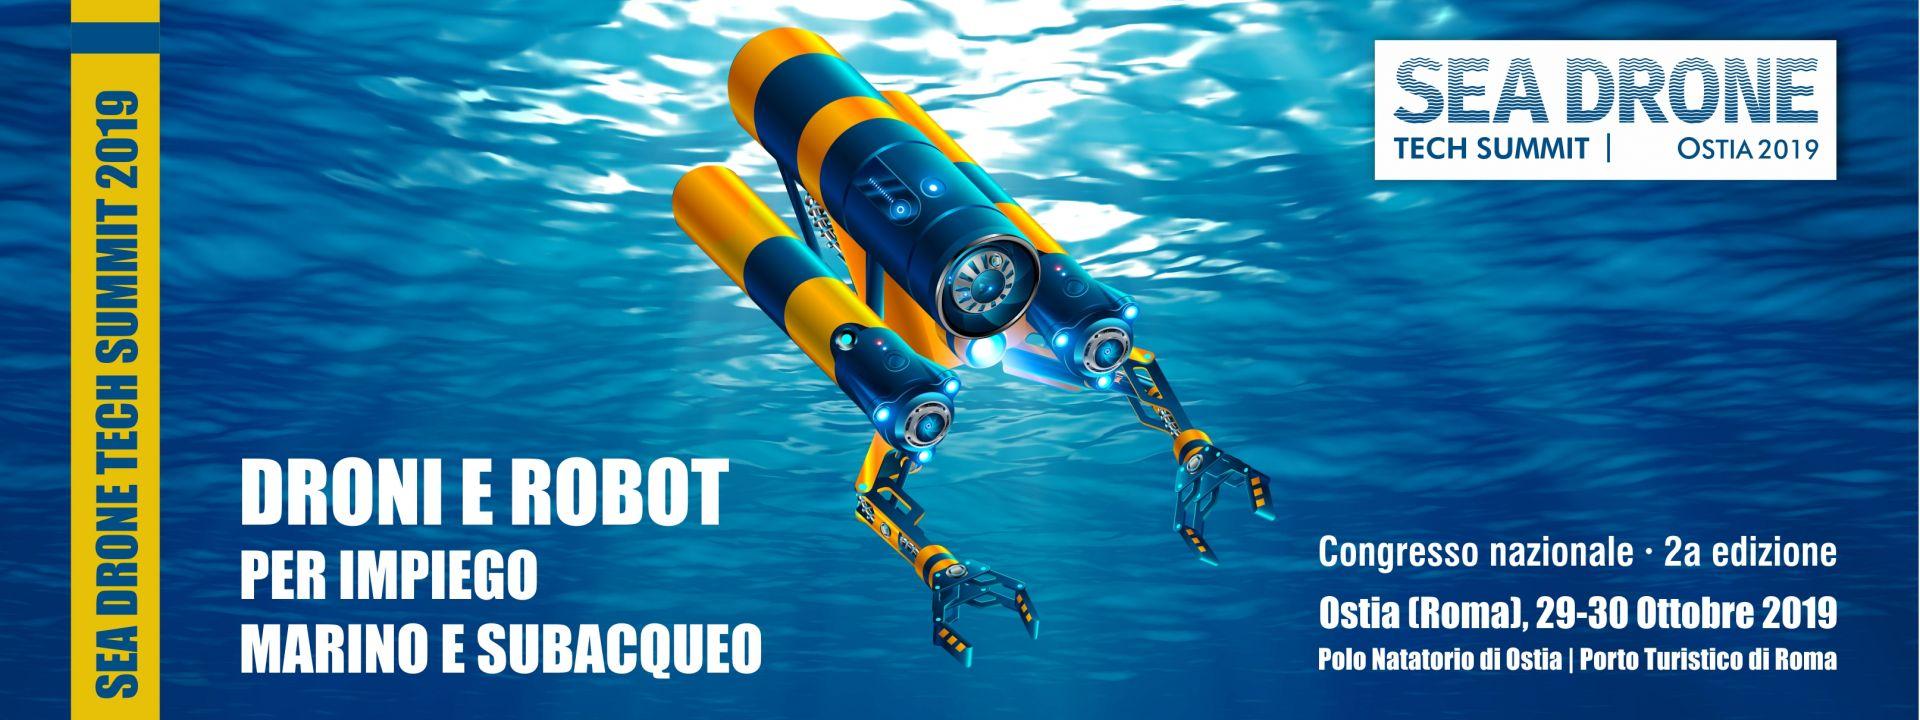 Sea drone tech summit 2019 pagina iniziale for Programma arredamenti ostia